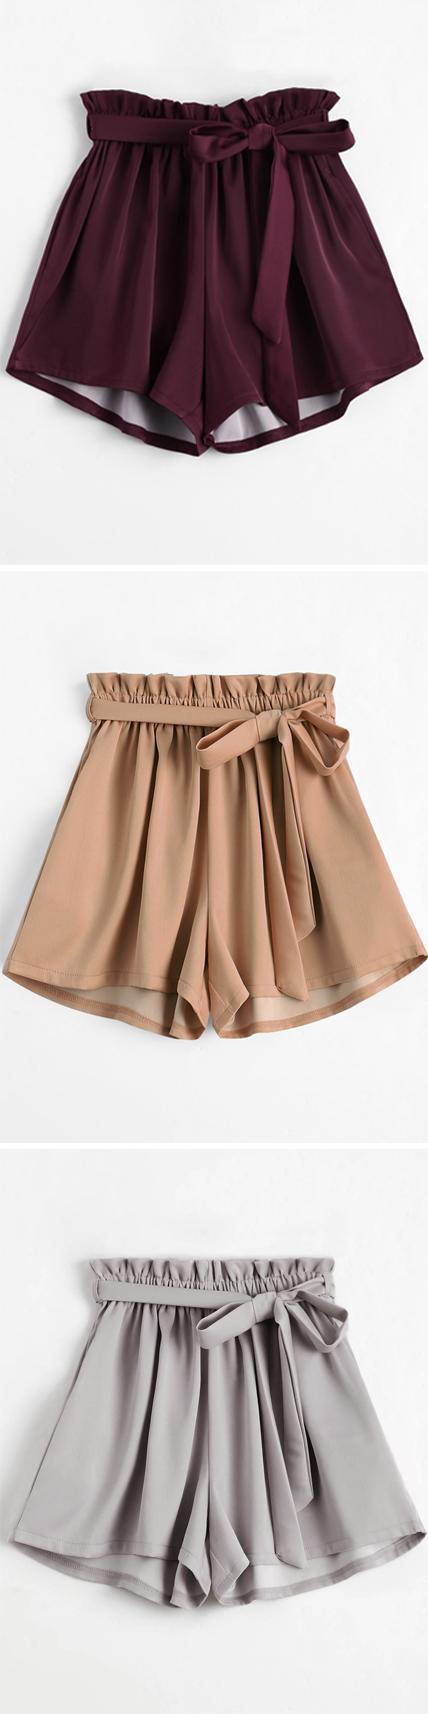 Smocked Belted High Waisted Shorts | Romper skirt, Skirt leggings ...